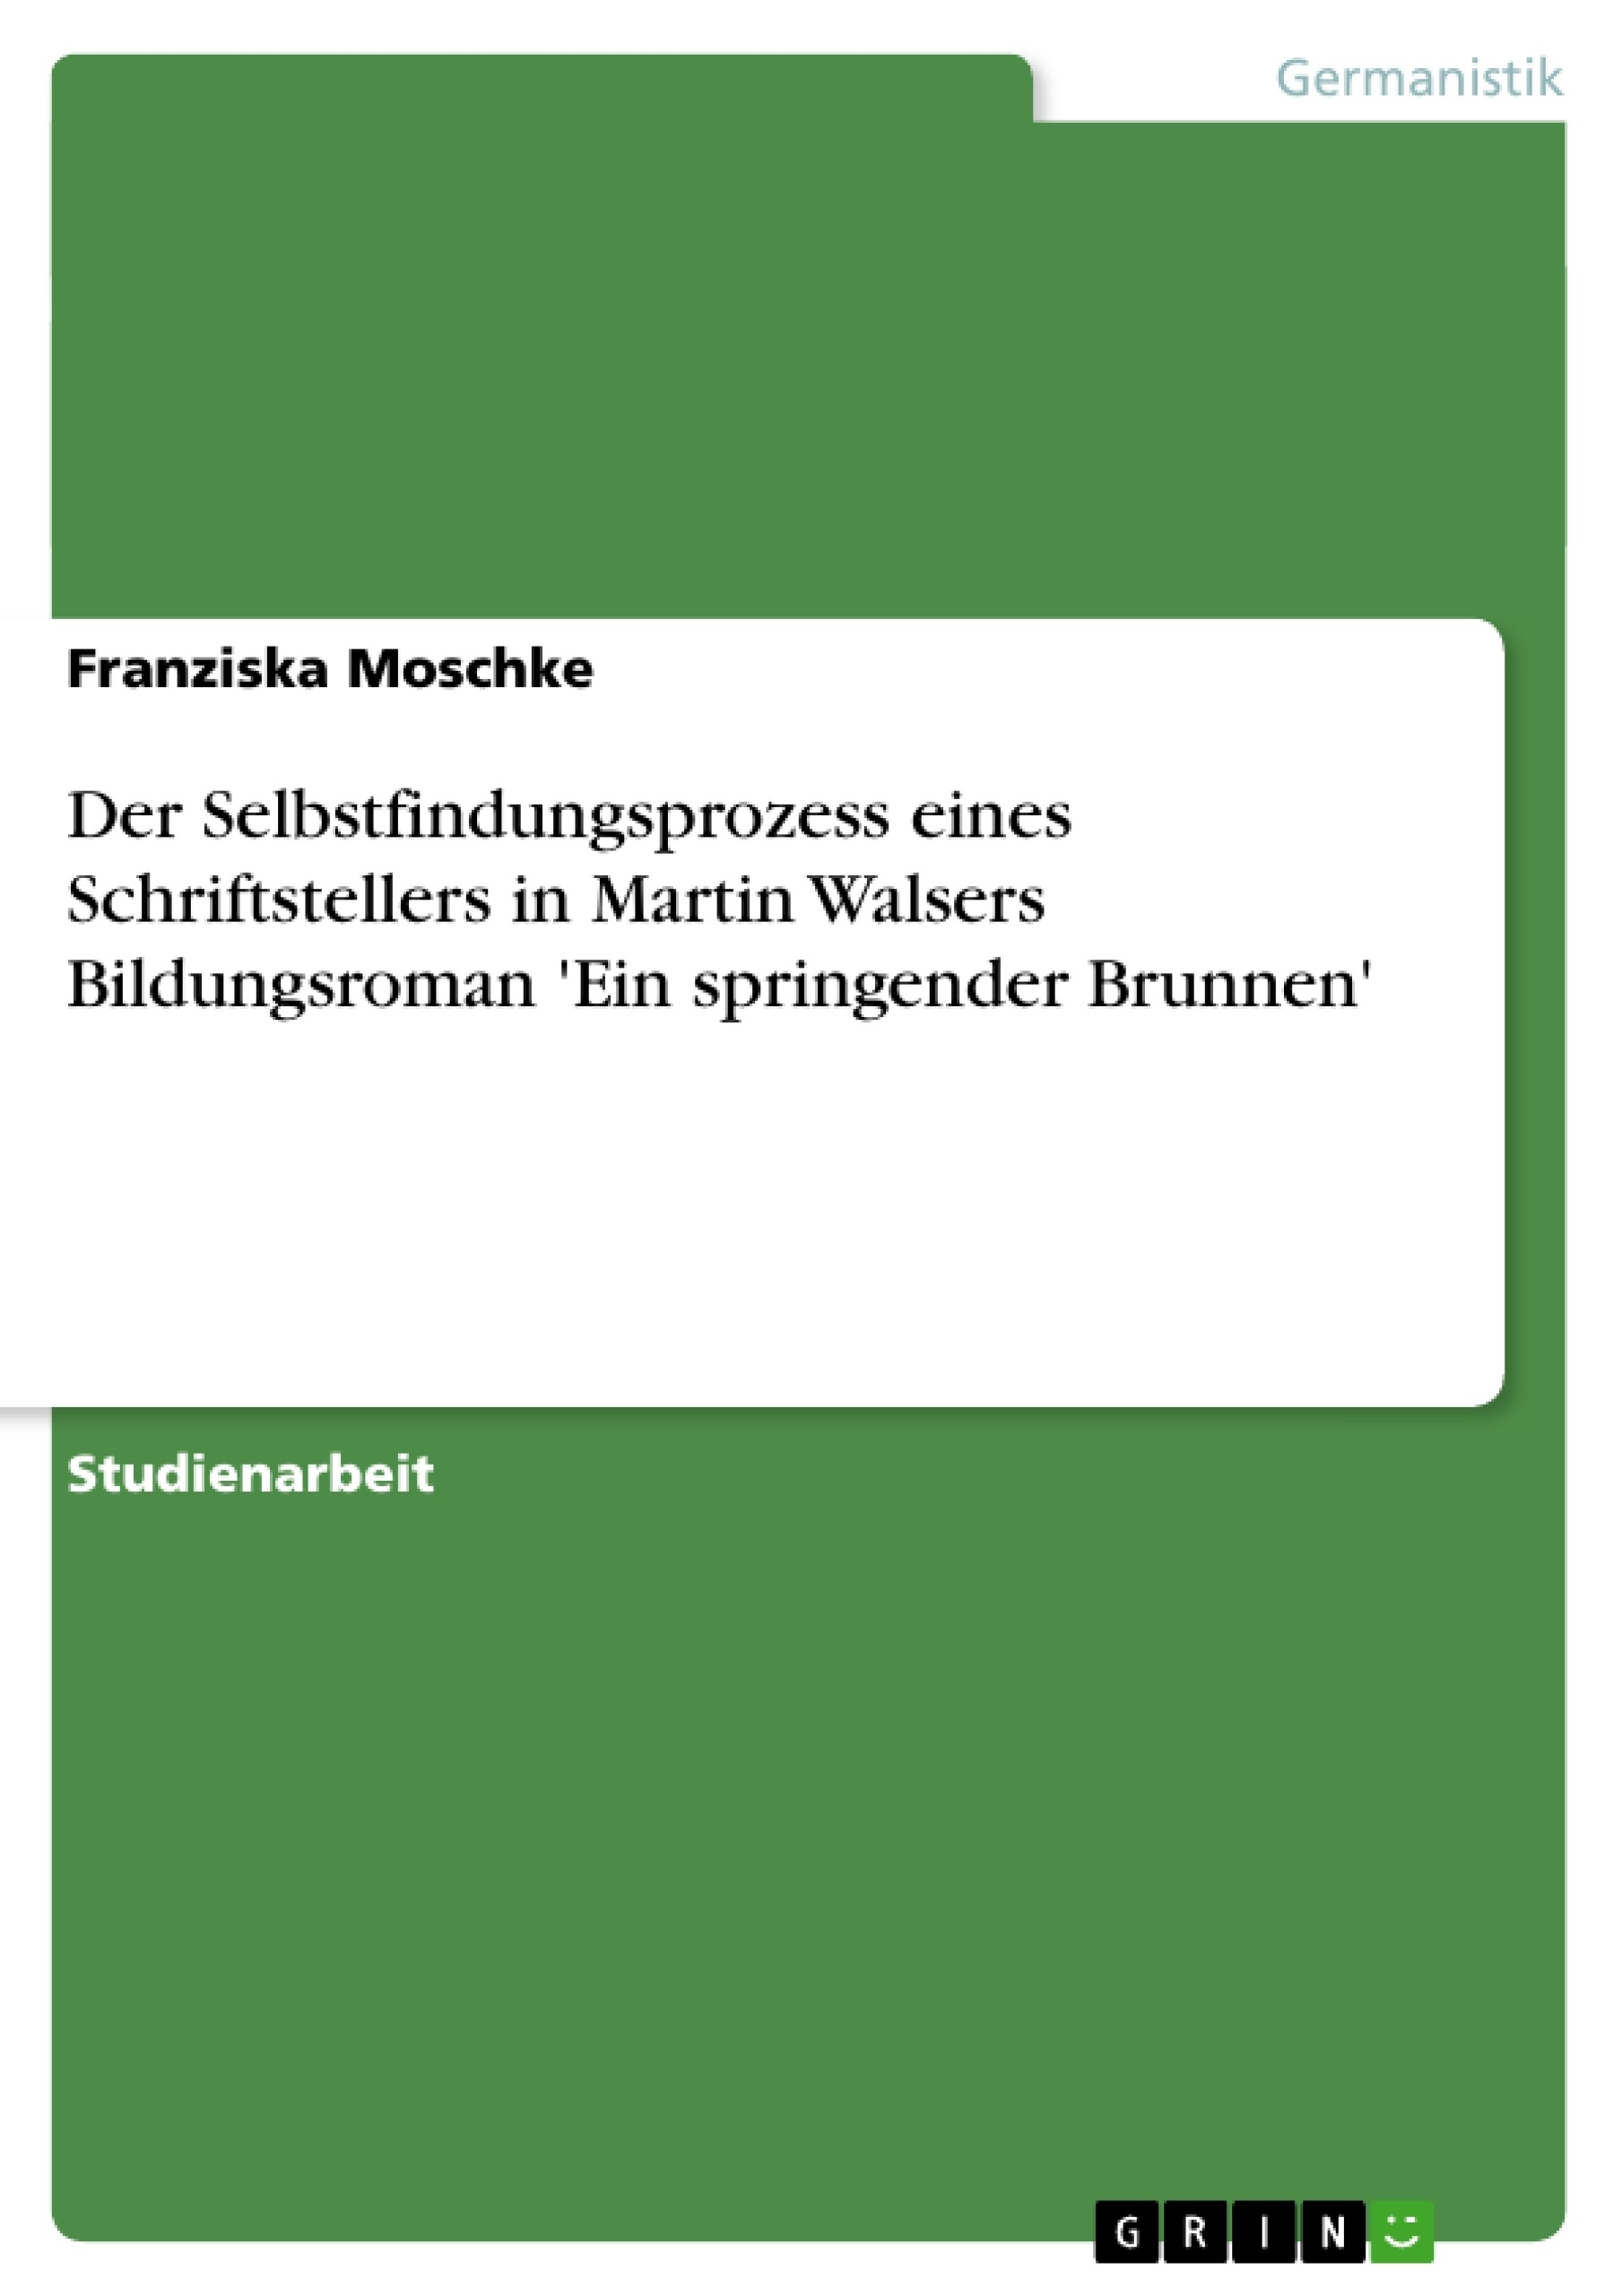 Titel: Der Selbstfindungsprozess eines Schriftstellers in Martin Walsers Bildungsroman 'Ein springender Brunnen'